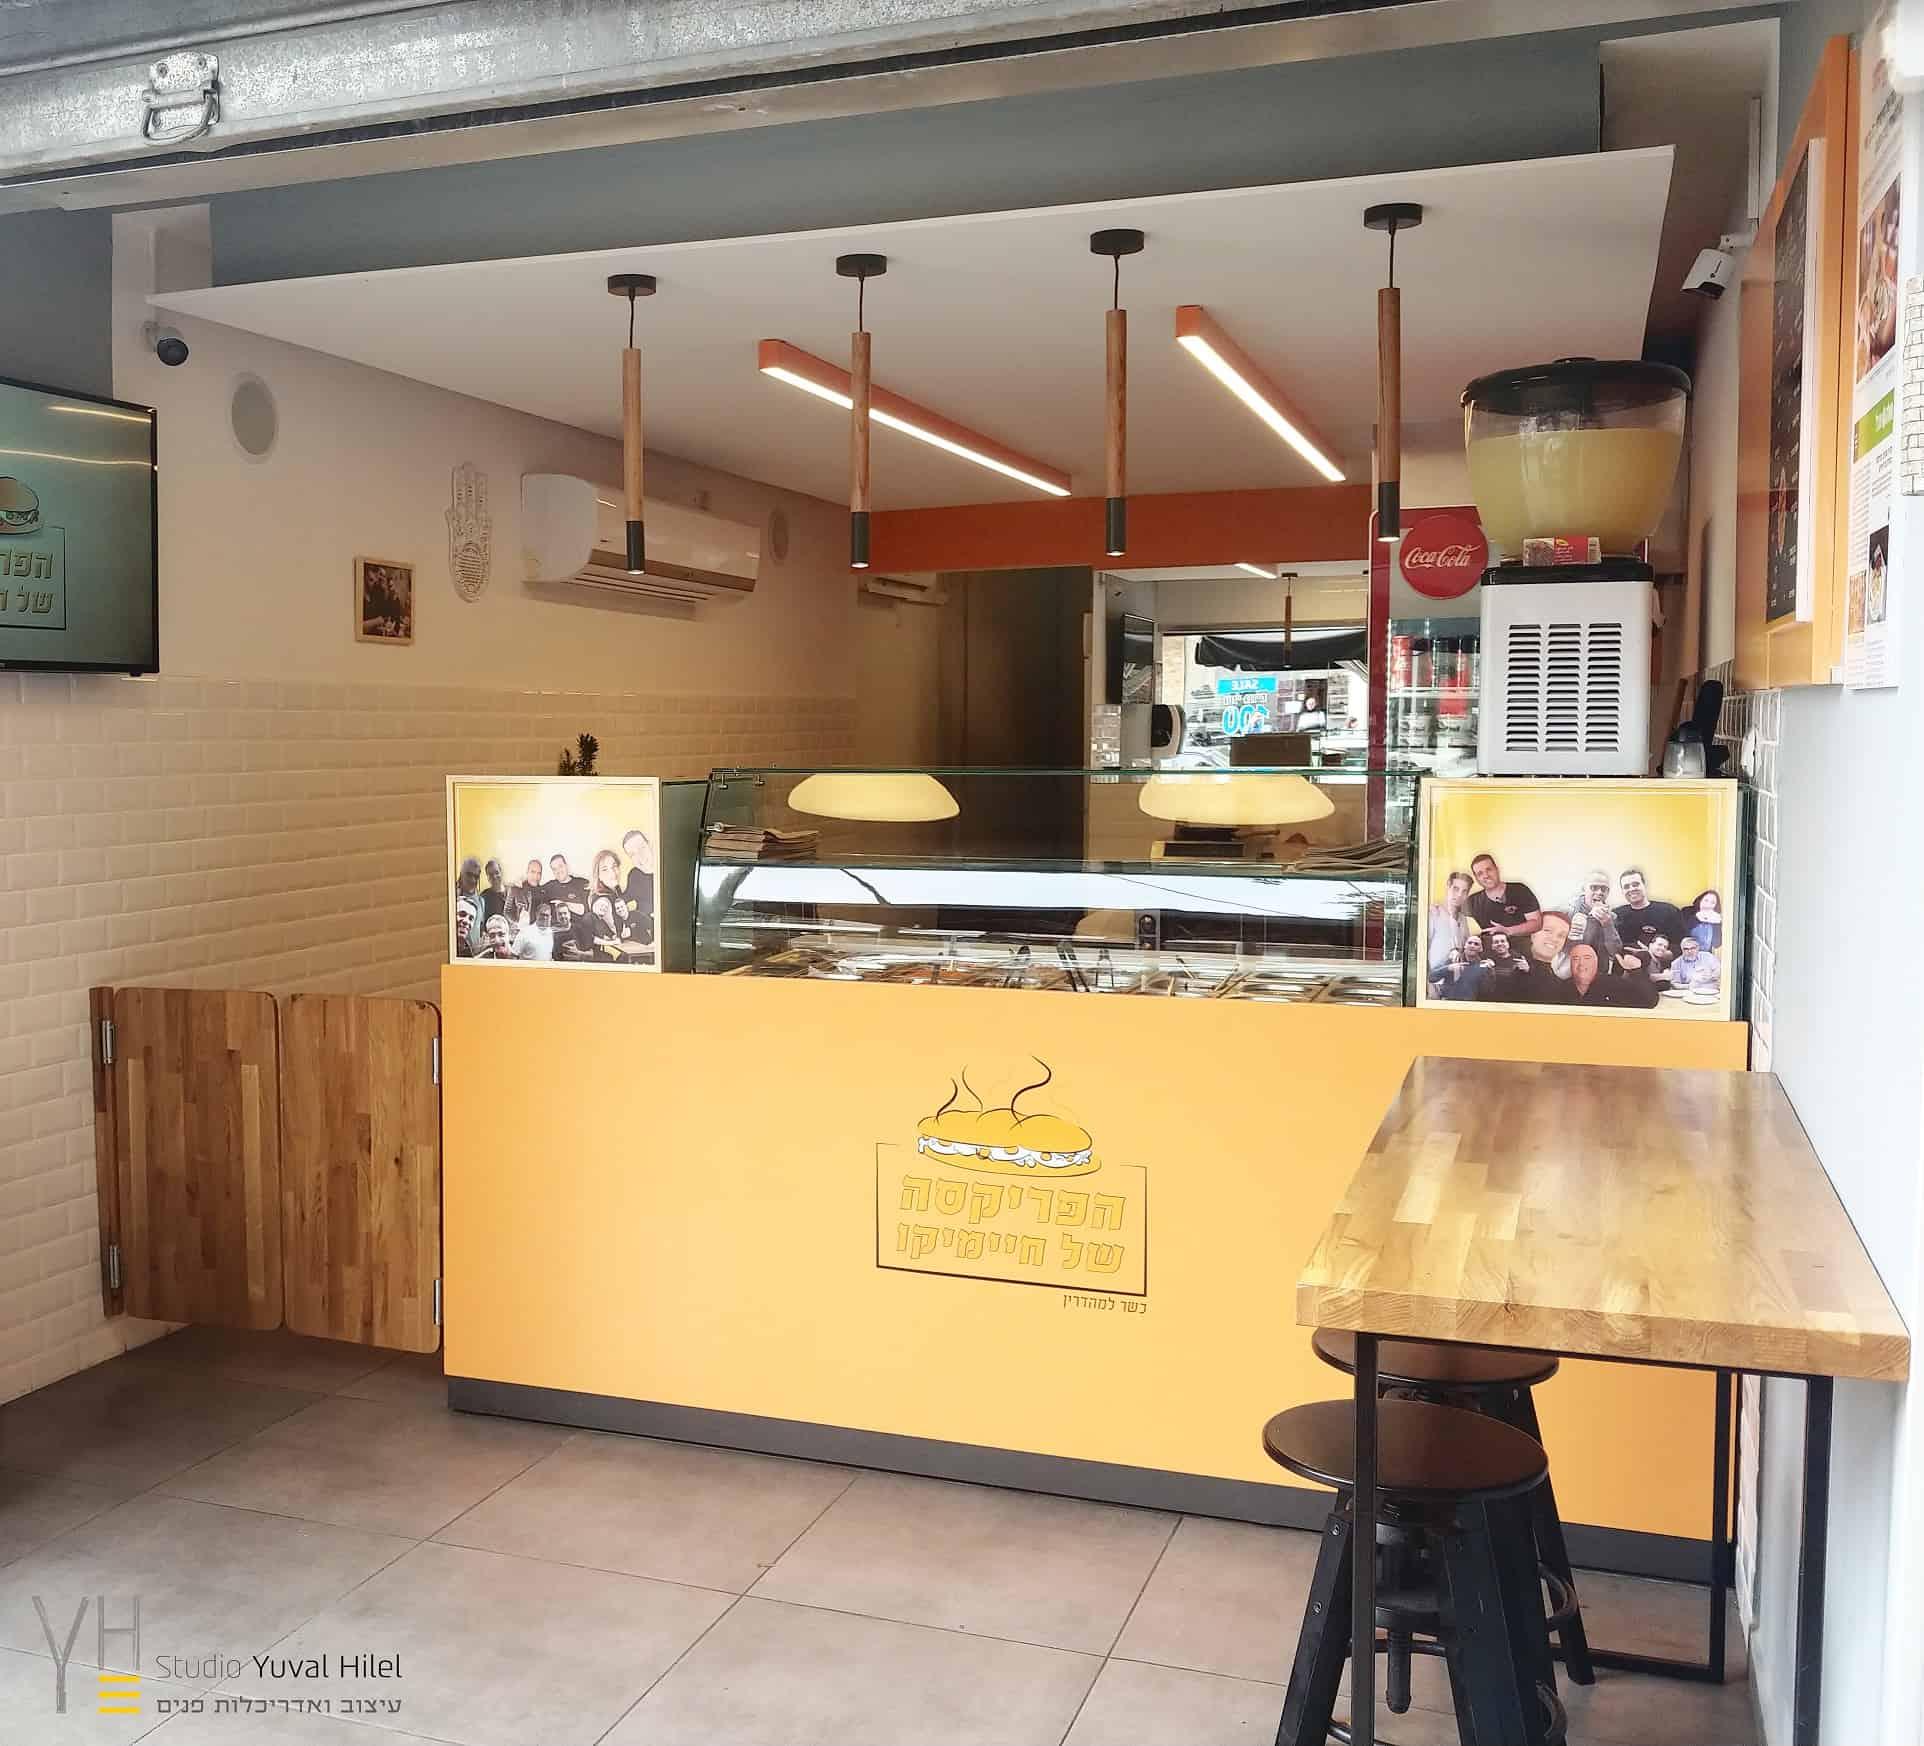 עיצוב מסעדת אוכל רחוב- הפריקסה של חיימקו